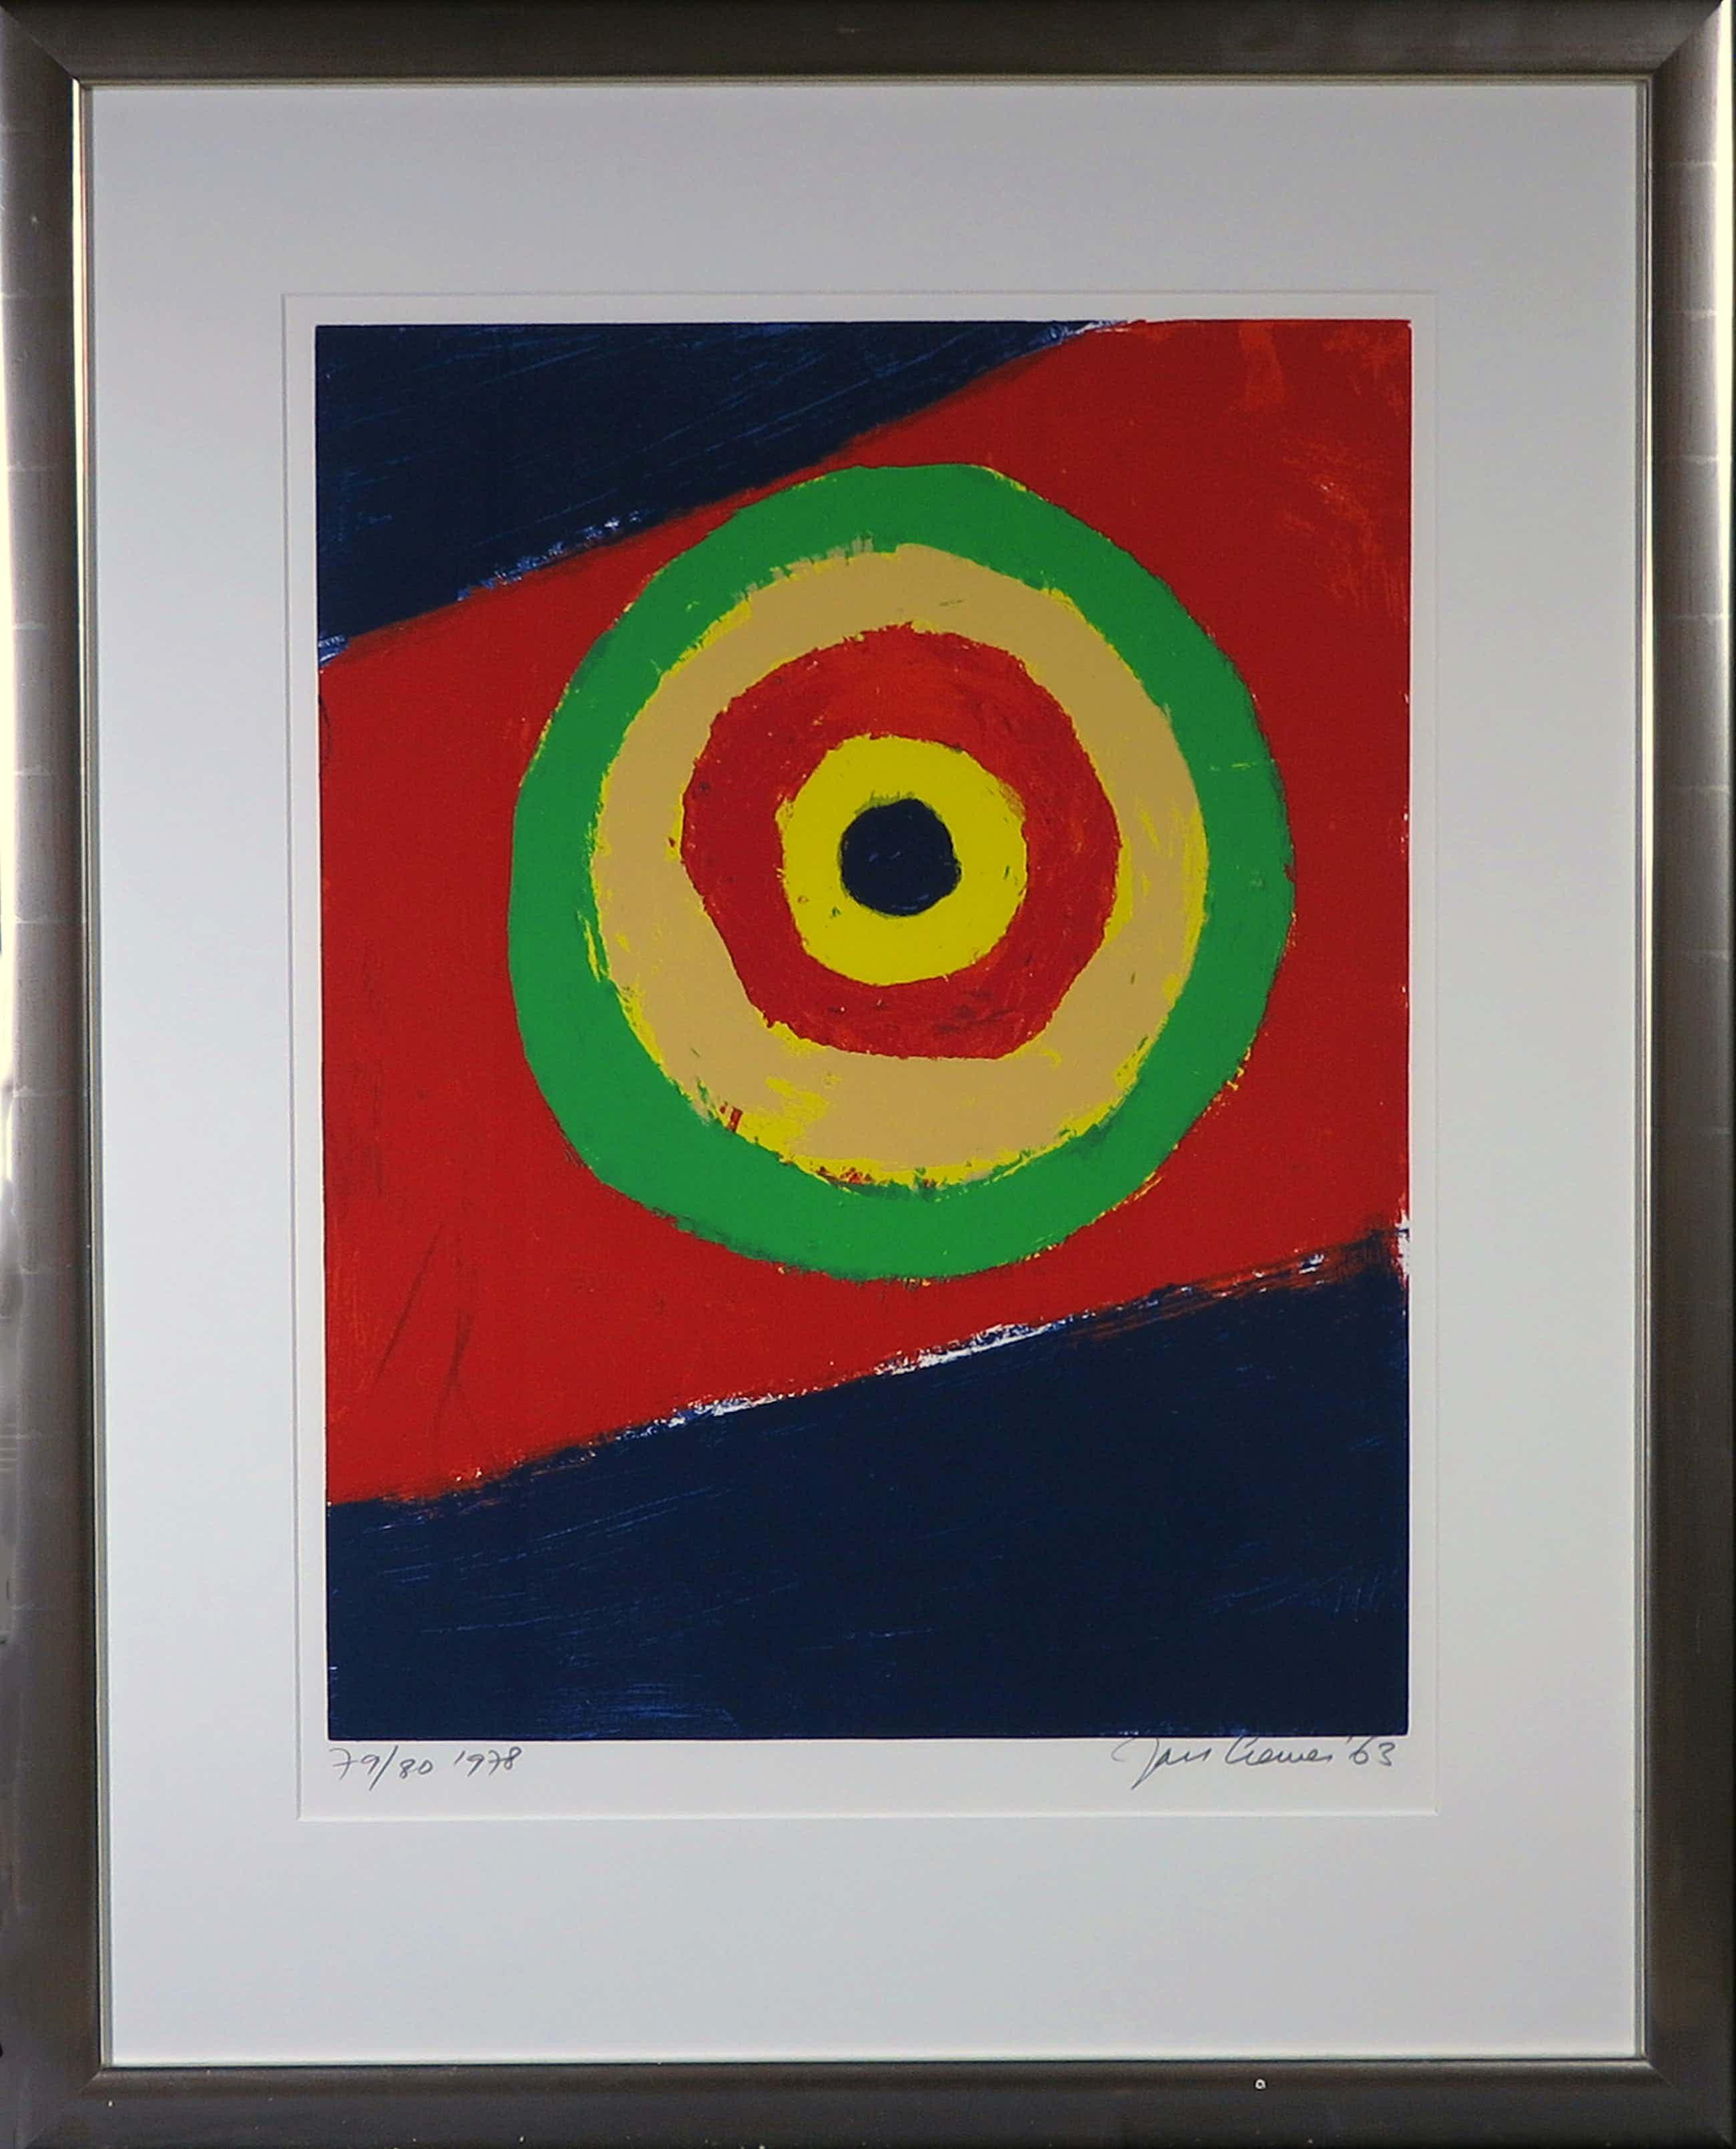 Jan Cremer - Zeefdruk, Shooting Gallery 1963 - Ingelijst kopen? Bied vanaf 160!